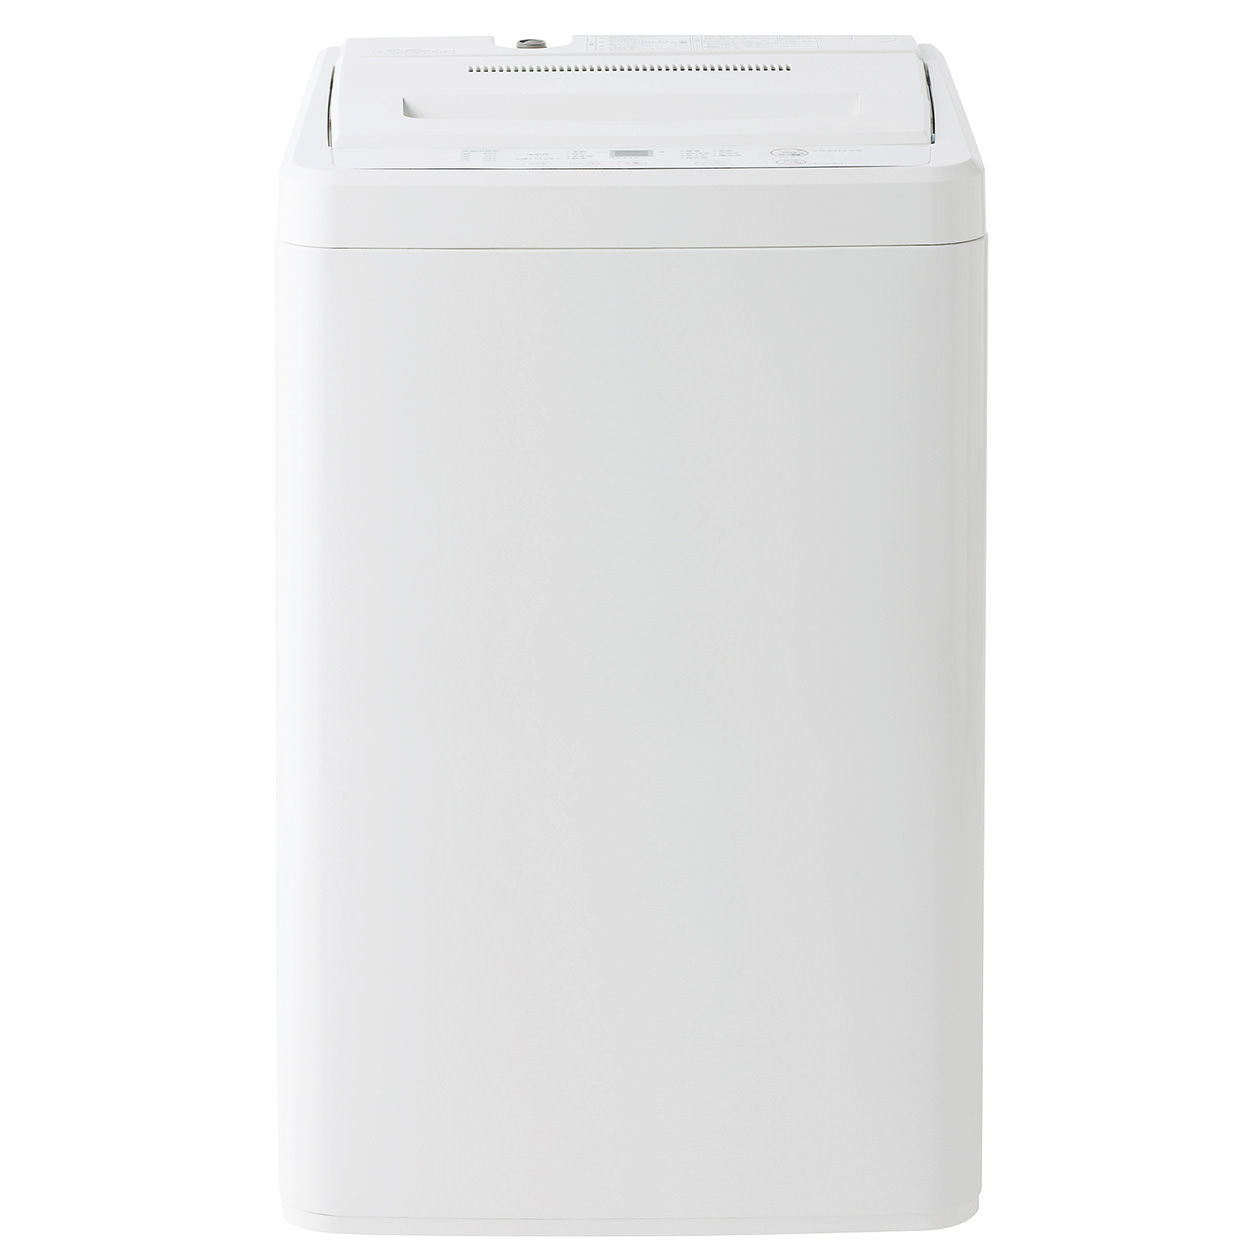 電気洗濯機・4.5kg